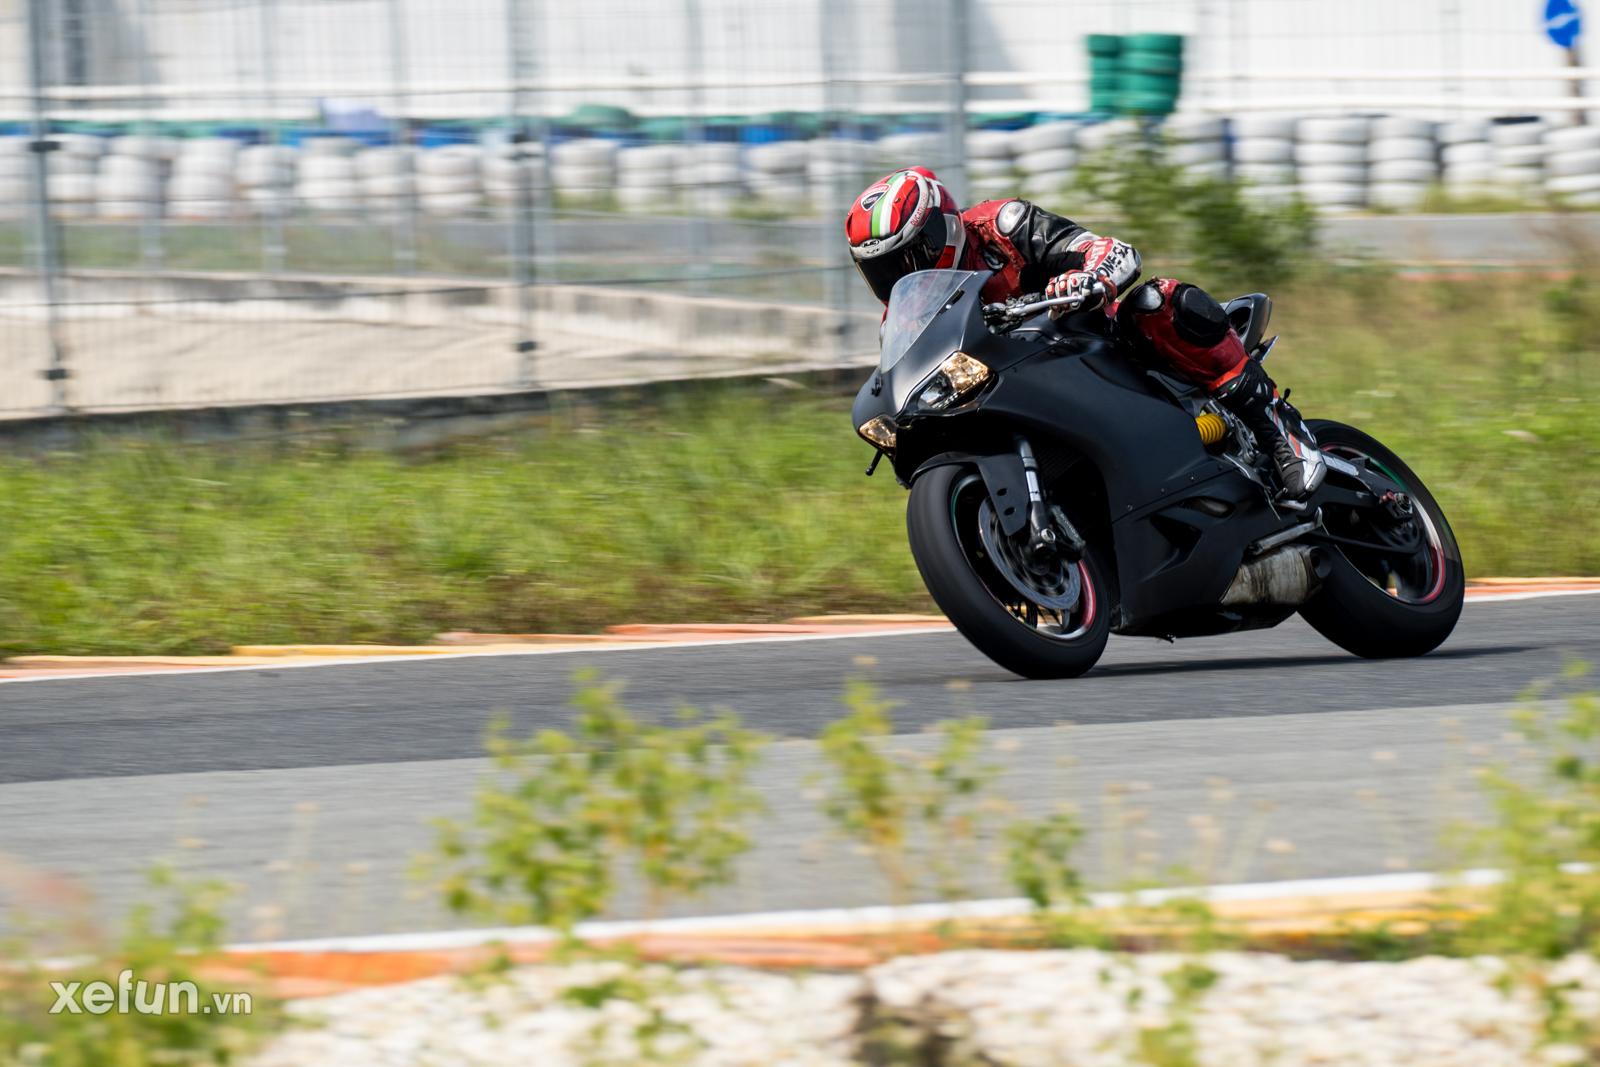 Các tay đua nài xe phân khối lớn PKL BMW S1000RR Ducati Monster Kawasaki Ninja ZX10R tại Trường đua Đại Nam trên Xefun (1)25465